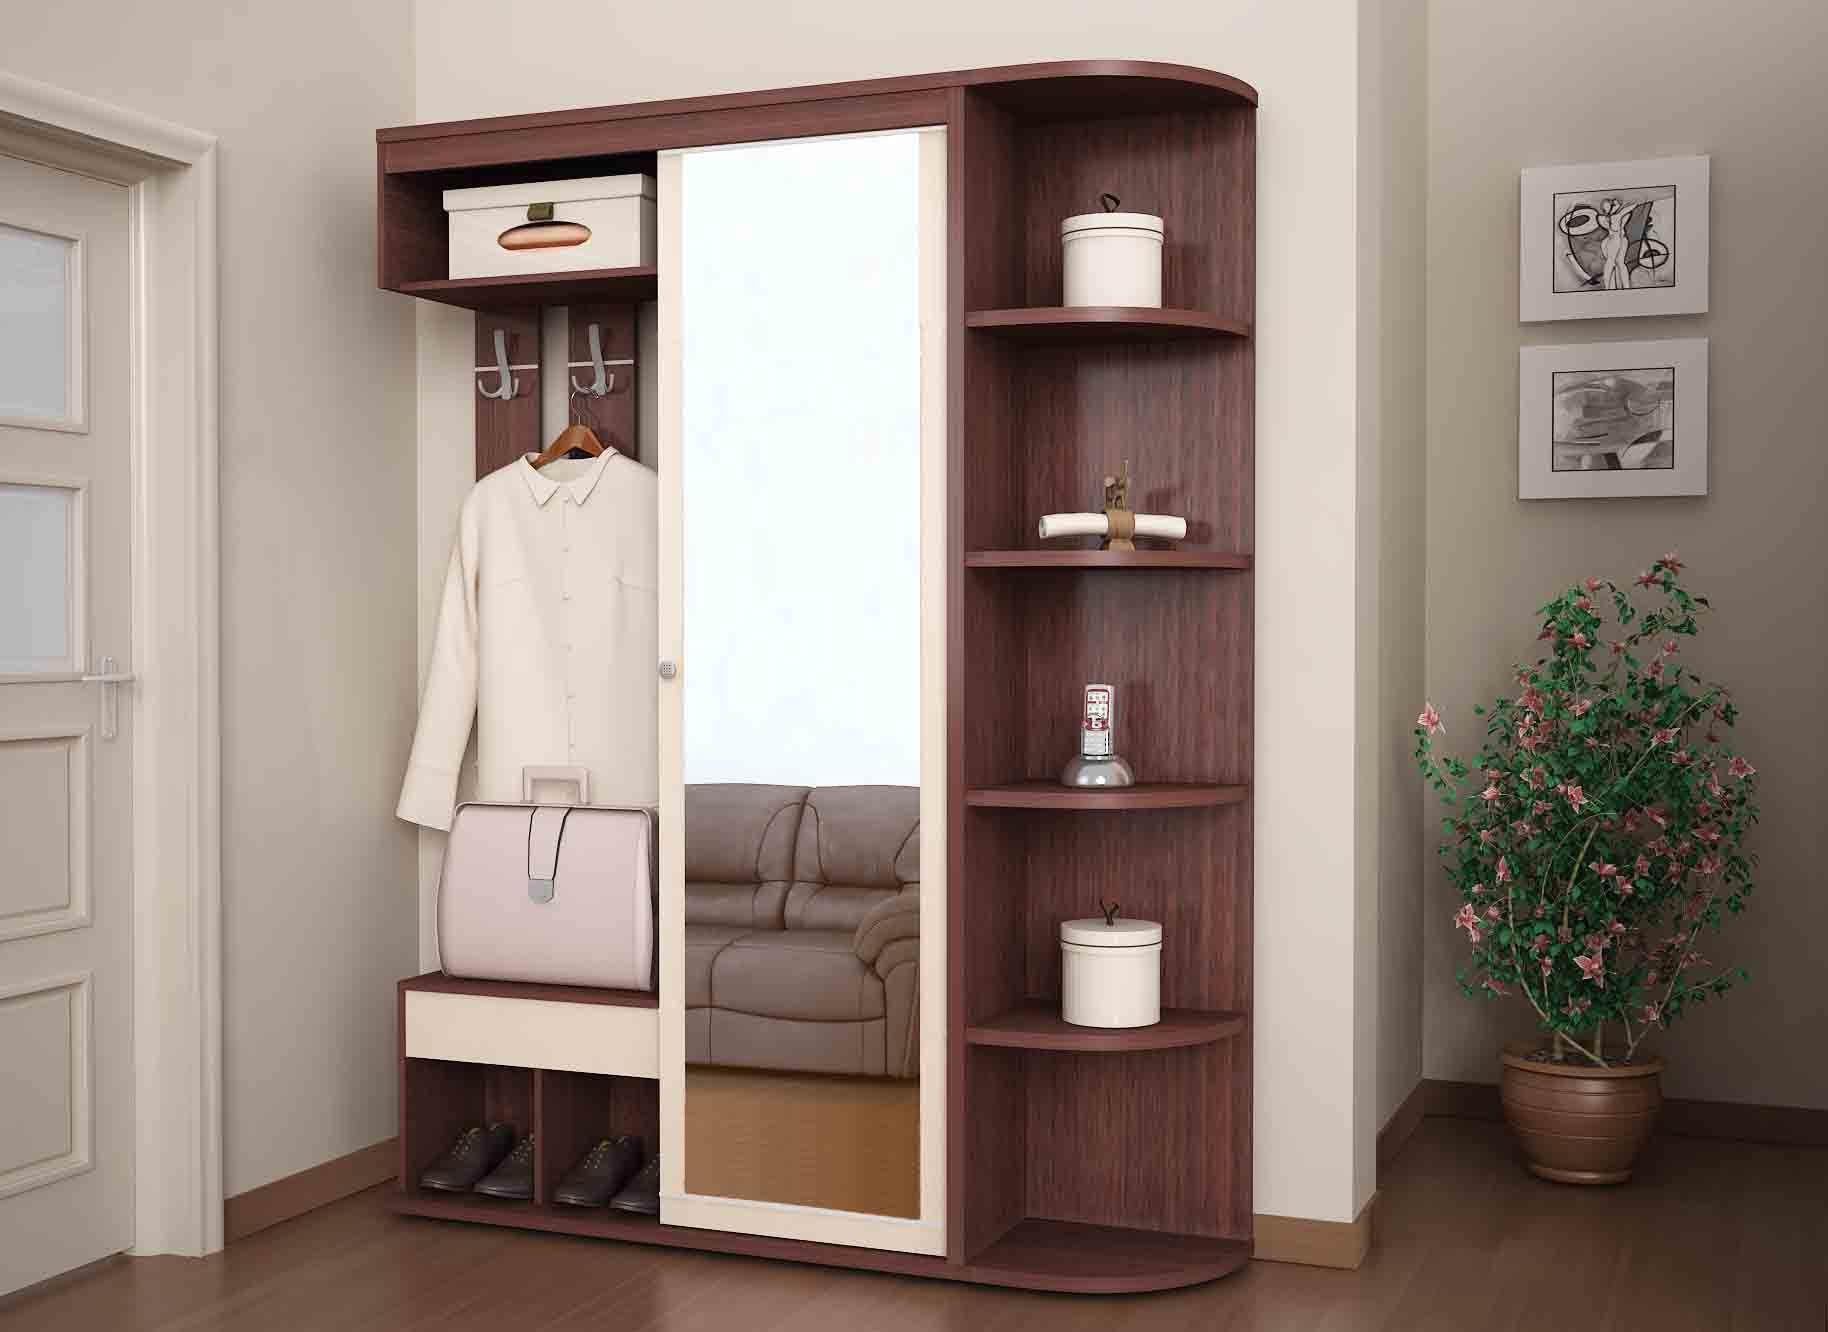 Мебель на заказ по индивидуальным размерам недорого в туле в.